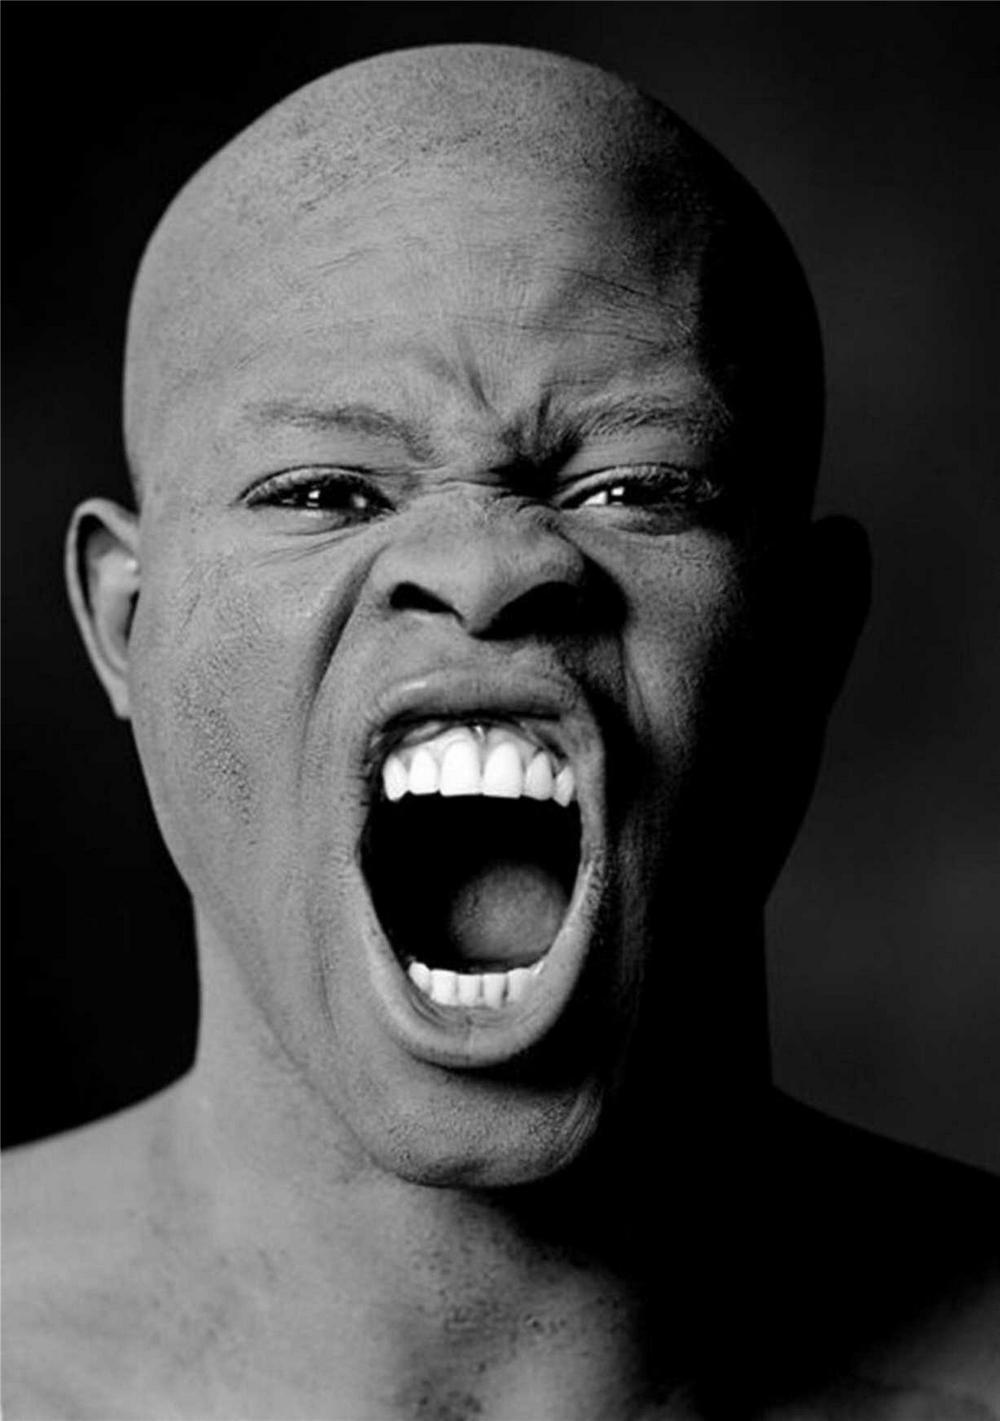 Грег Горман один из лучших в съёмке портретов знаменитостей и непревзойдённый мастер мужского ню 43